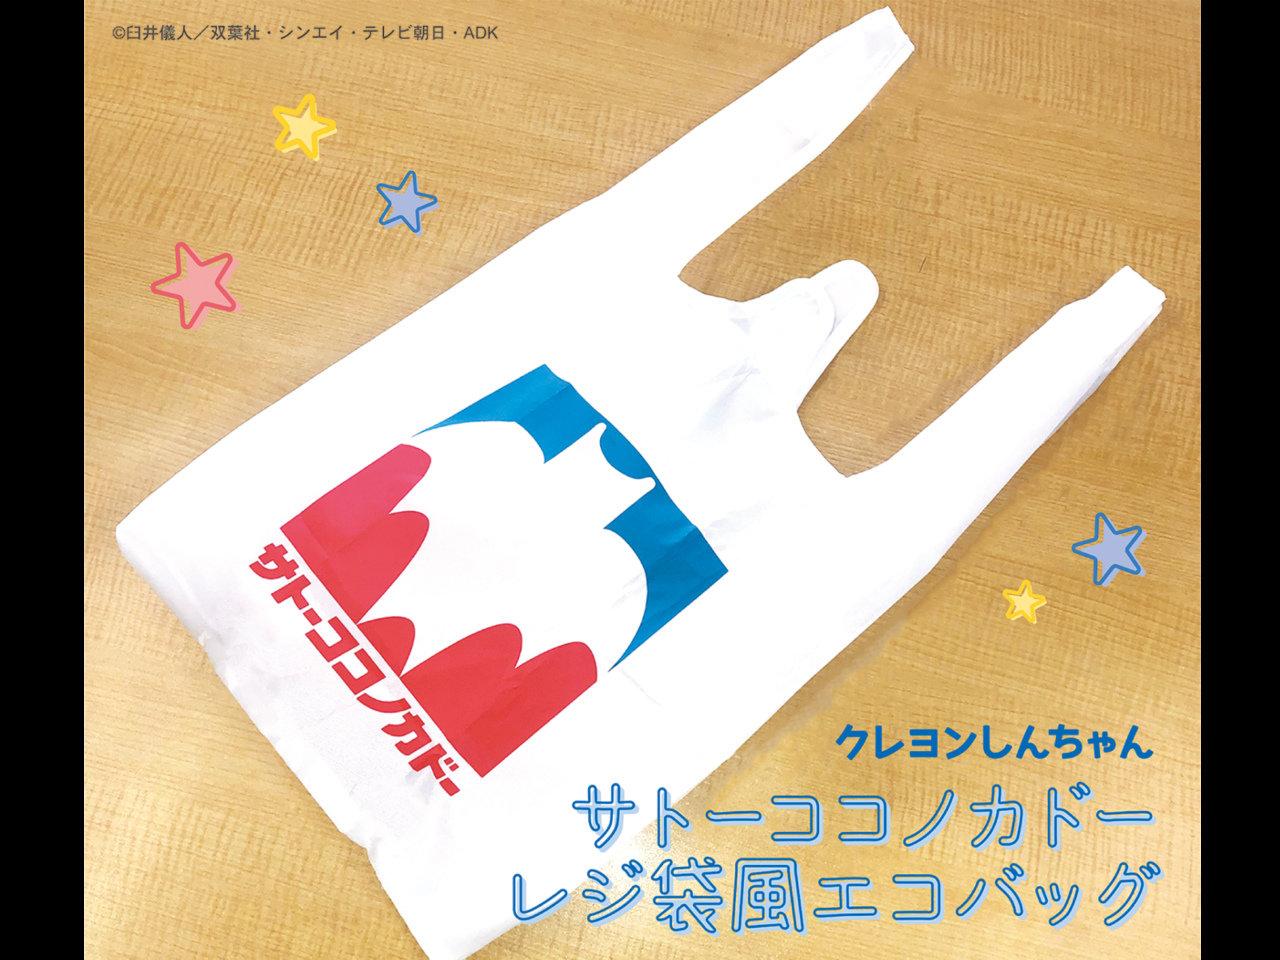 「クレヨンしんちゃん」に登場するサトーココノカドーをデザインしたエコバッグ登場。